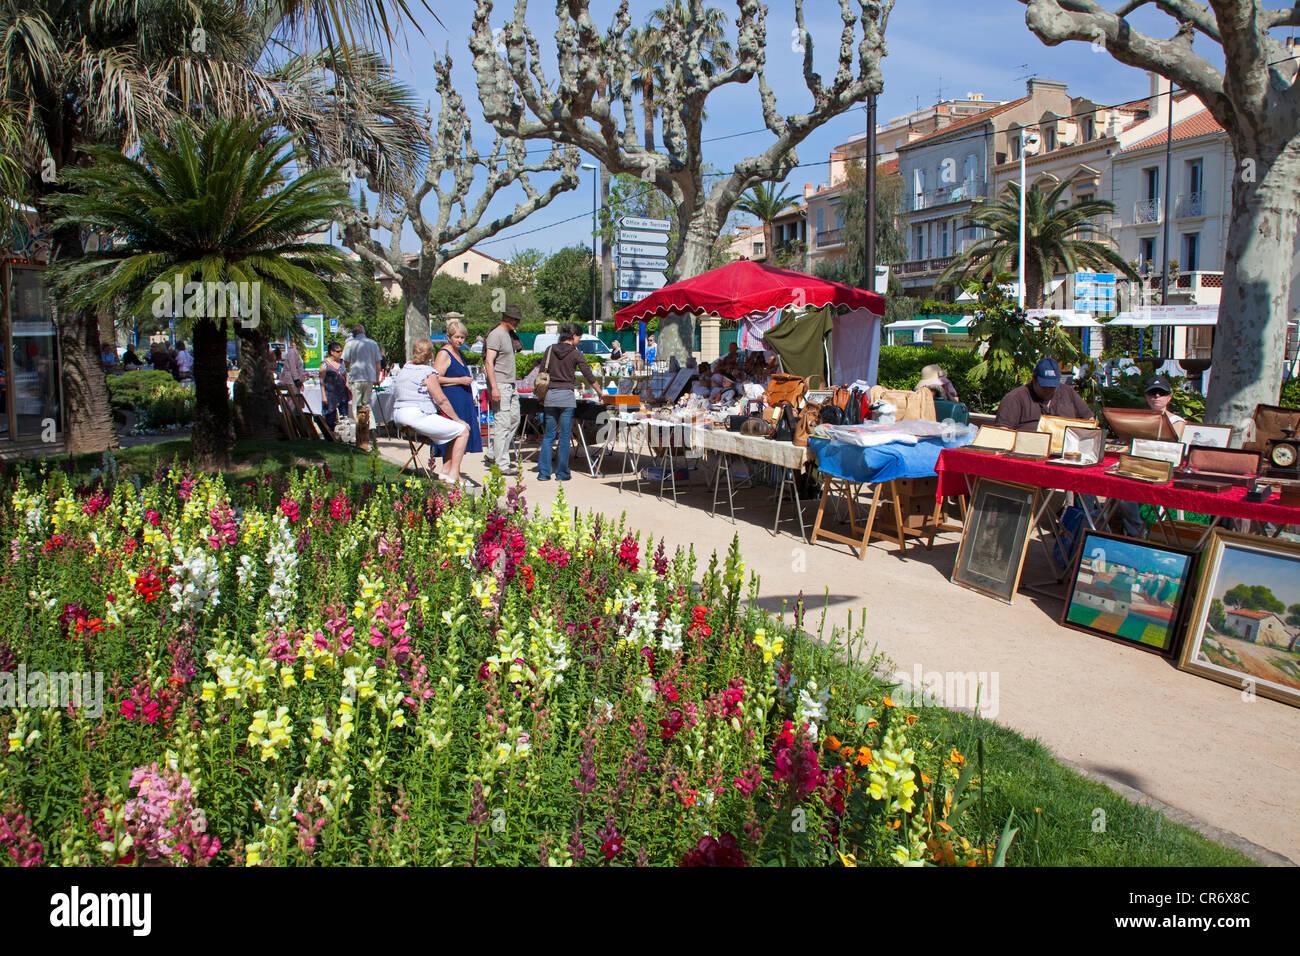 La rue du marché à St Maxime, Alpes-Maritimes, Côte d'Azur, dans le sud de la France, France, Photo Stock